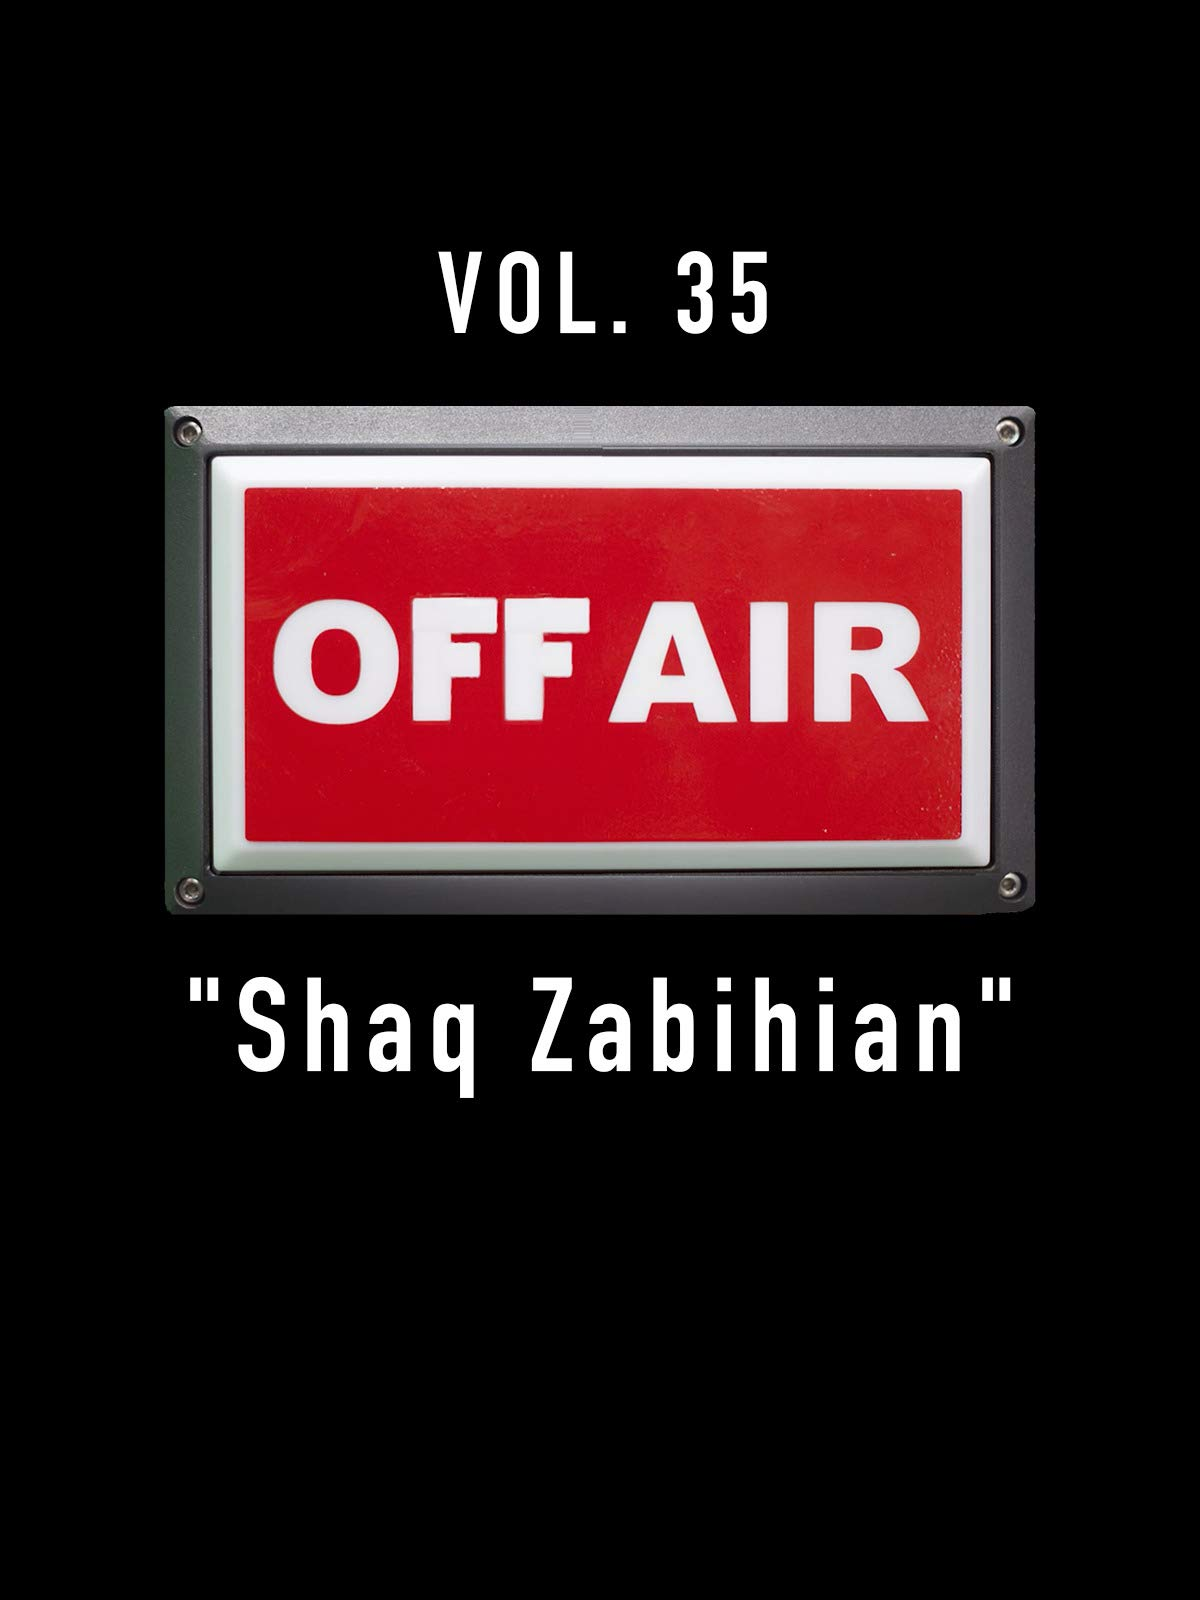 Off-Air Vol. 35